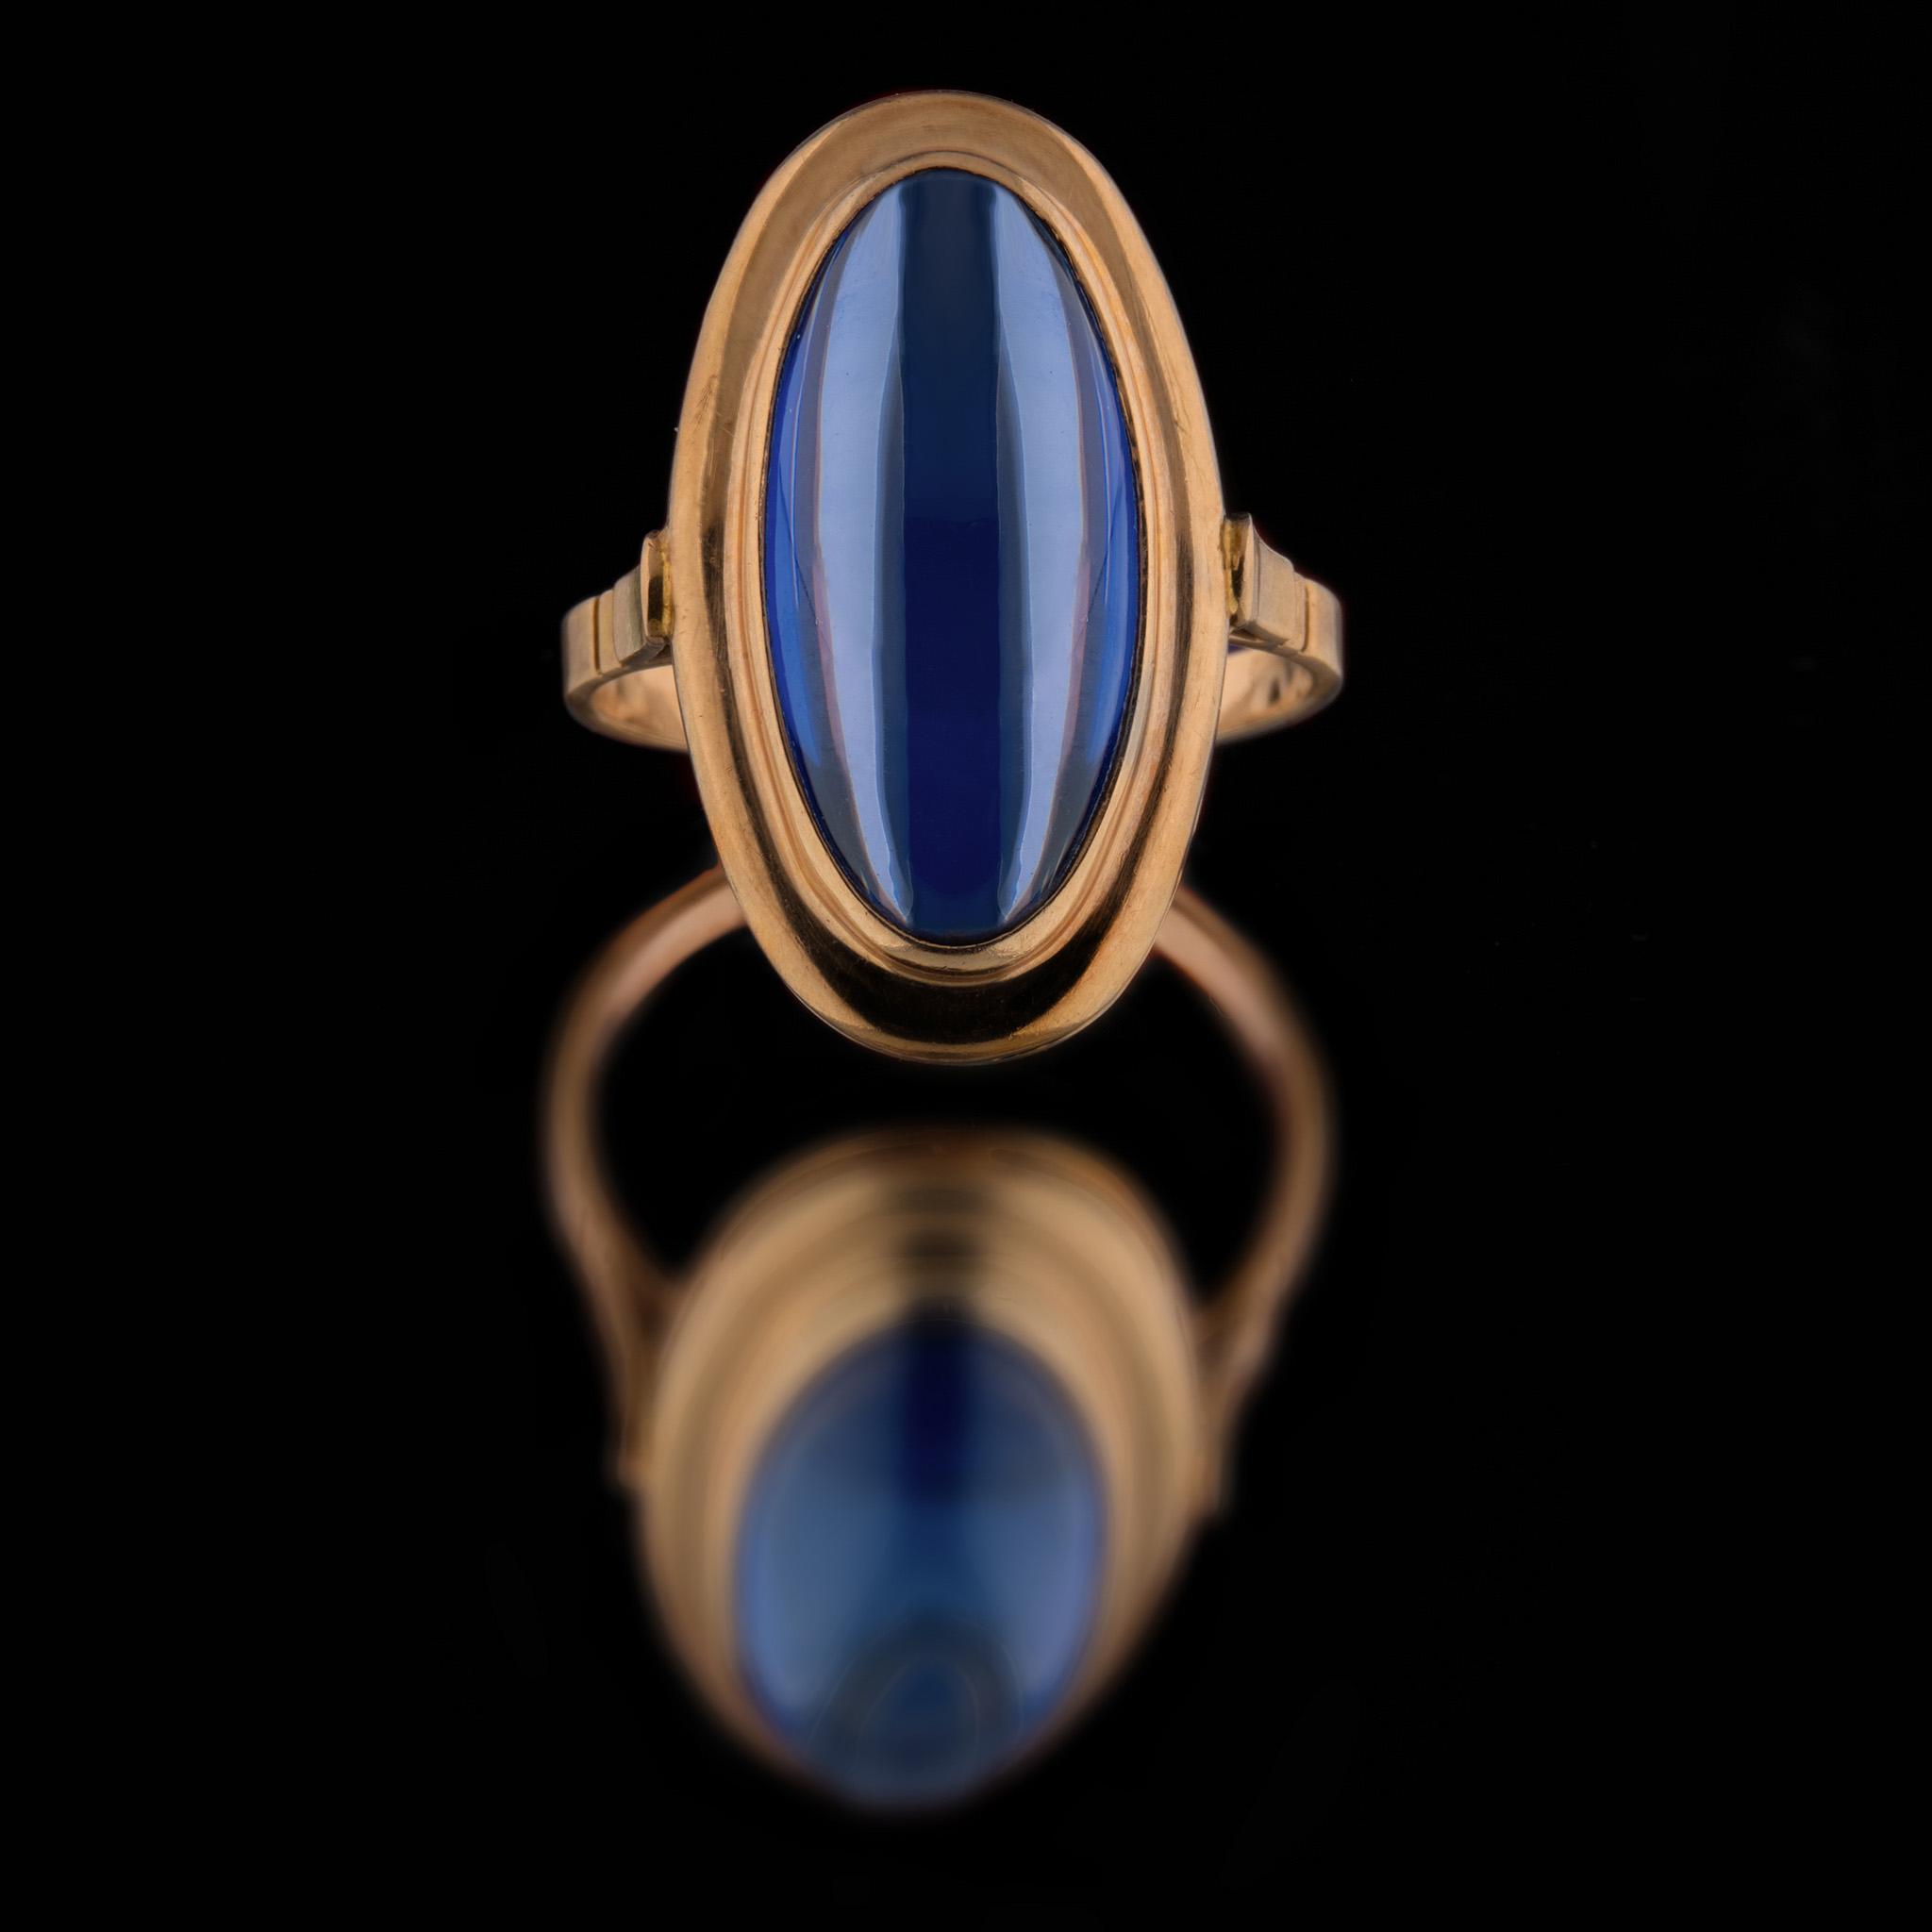 Перстень. Фотосъемка на зеркале. Предметы для сайтов